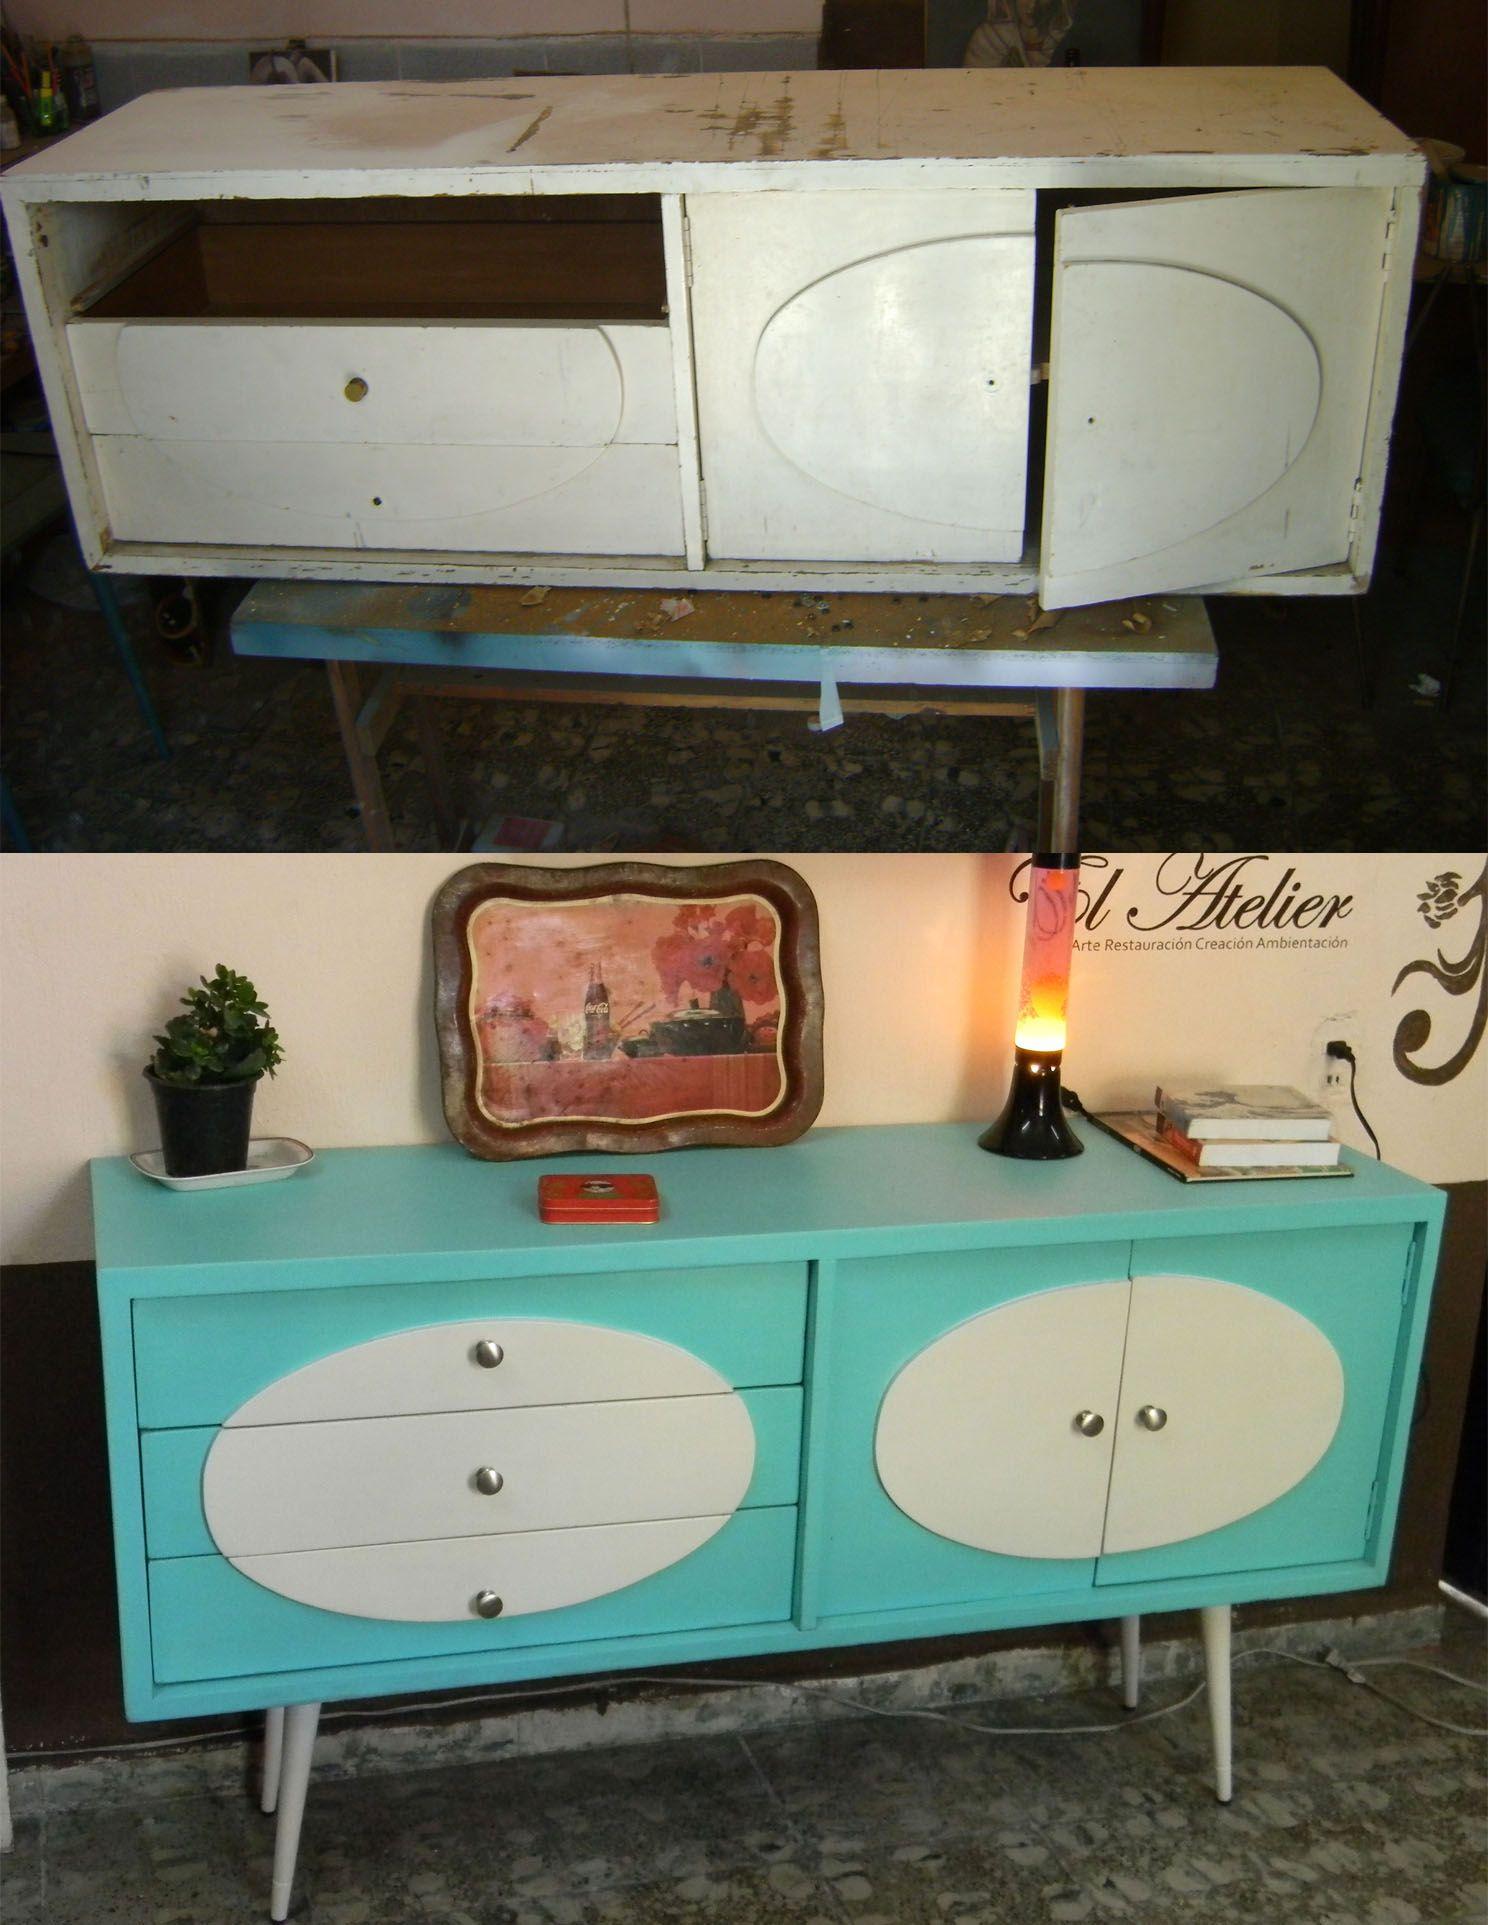 Antes y despu s muebles restaurados pinterest for Muebles antiguos restaurados antes y despues